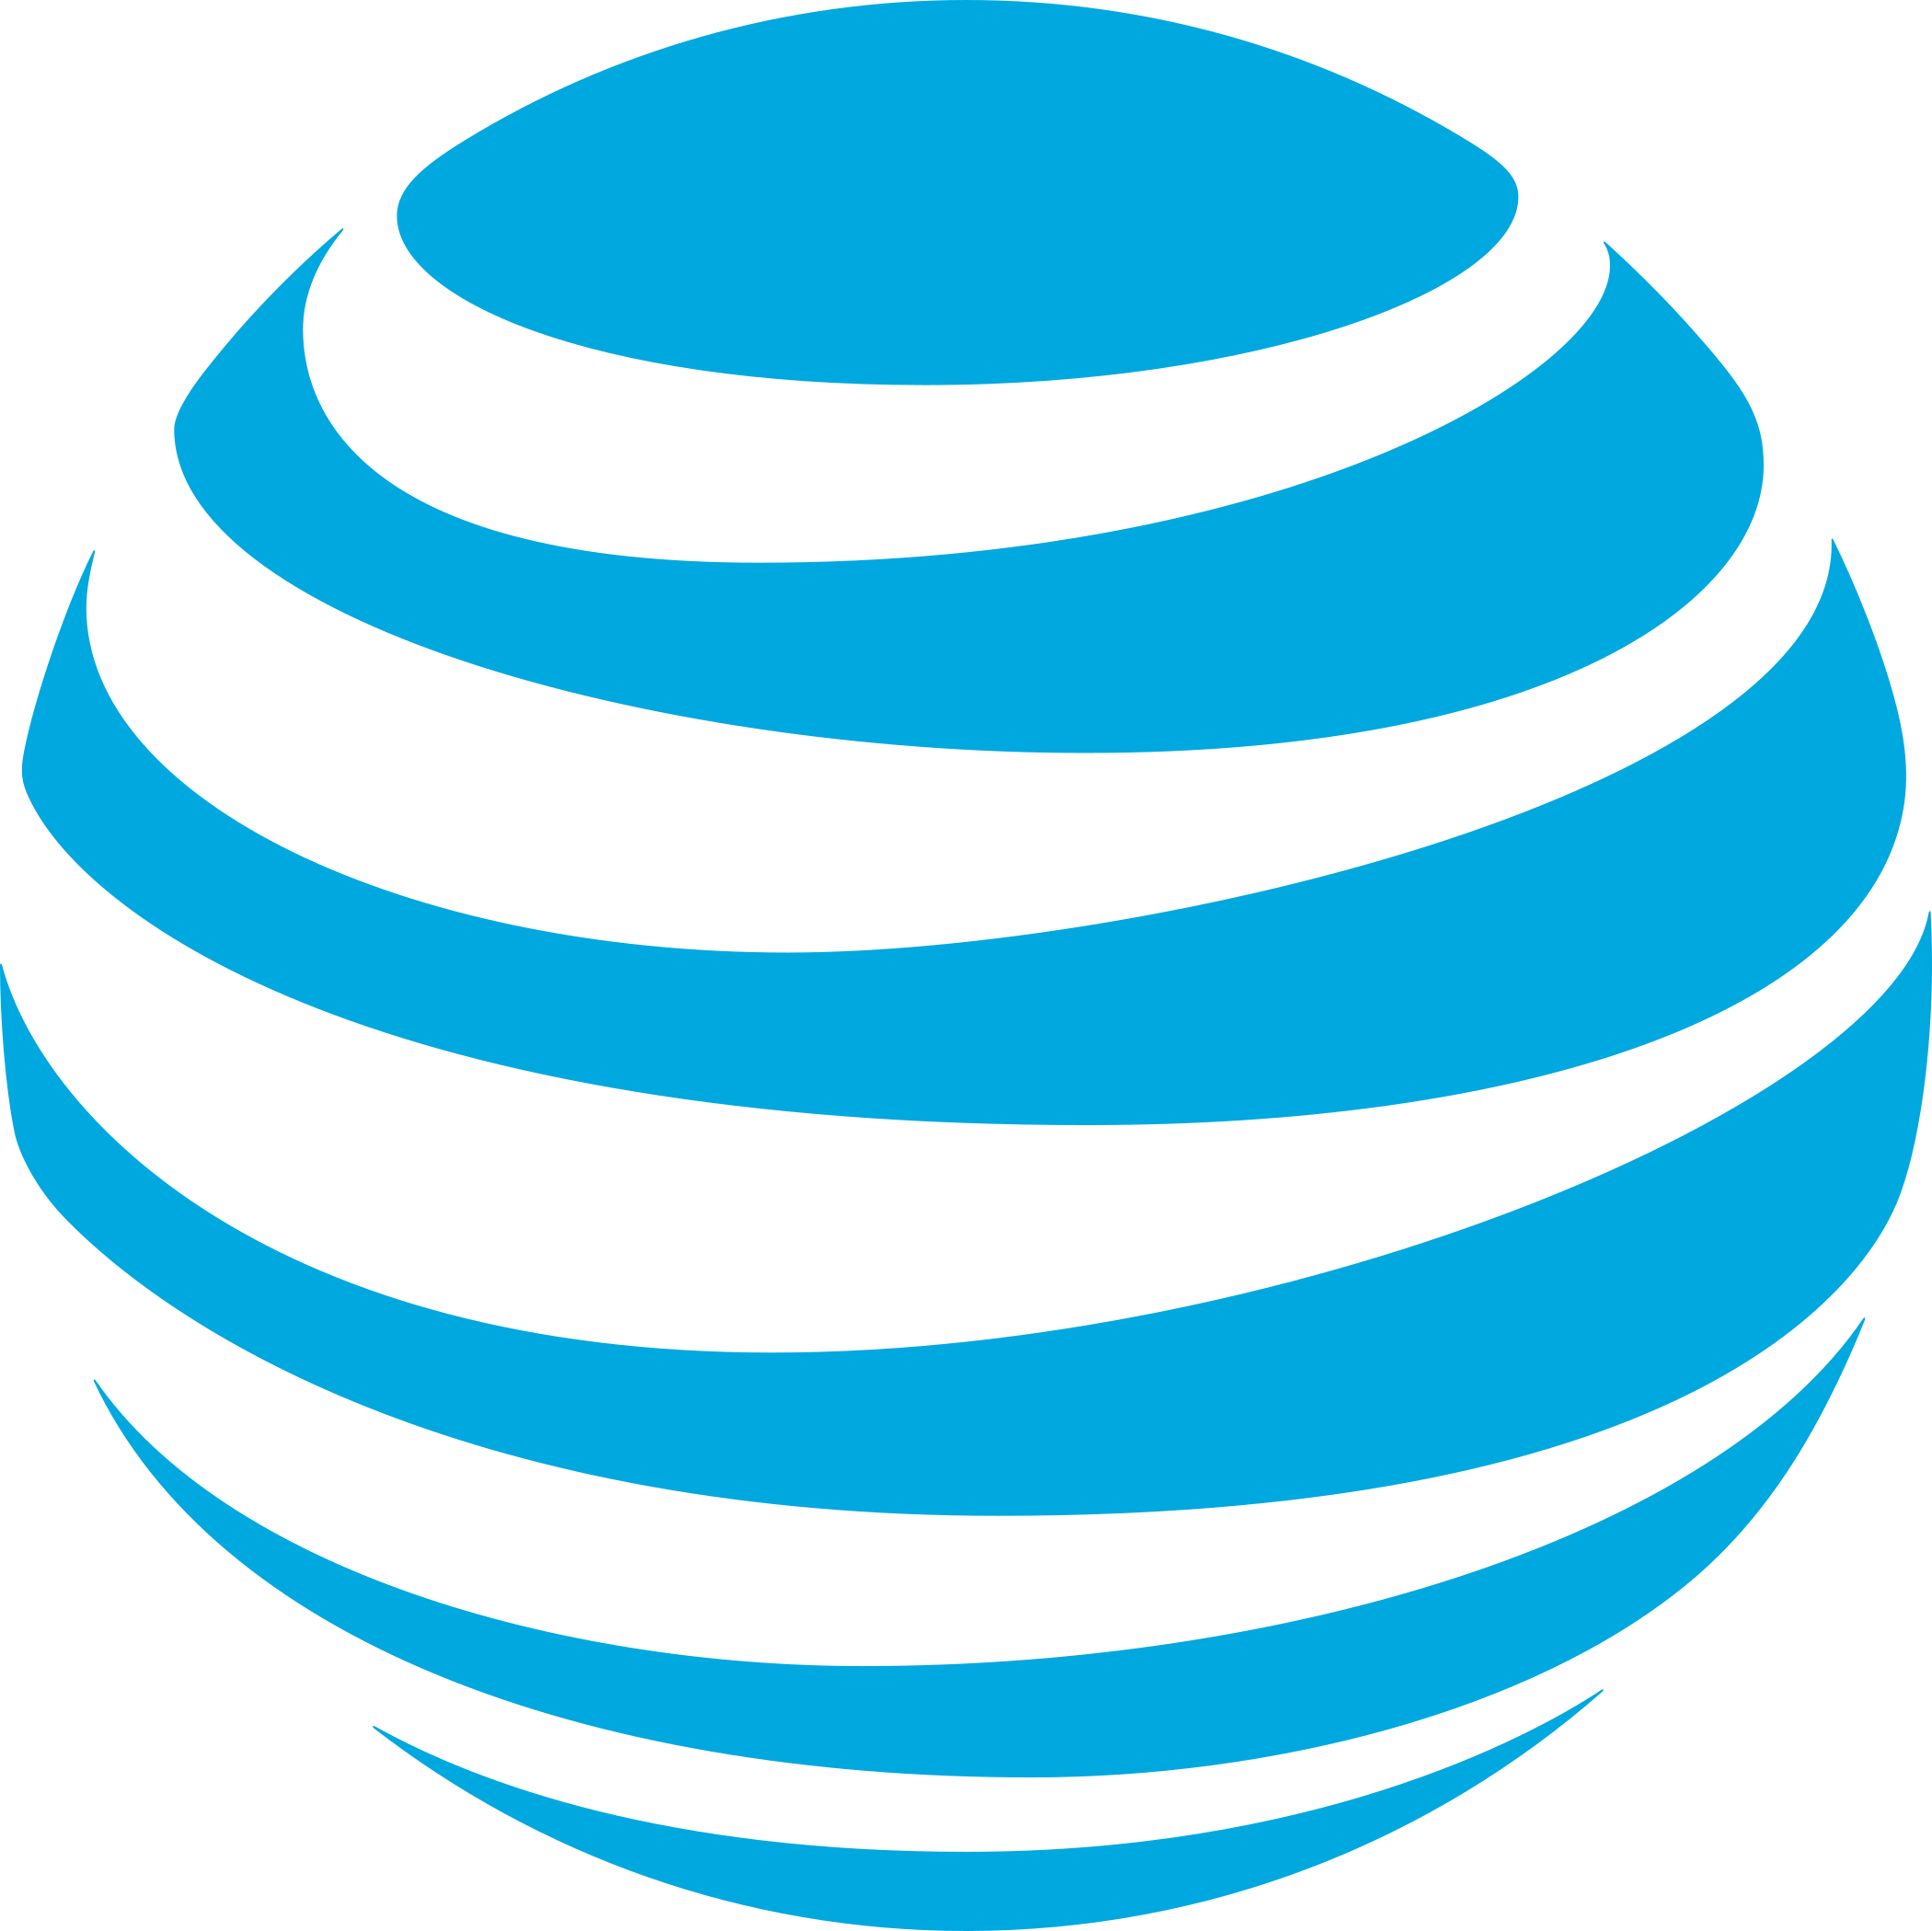 att logo 3 - AT&T Logo